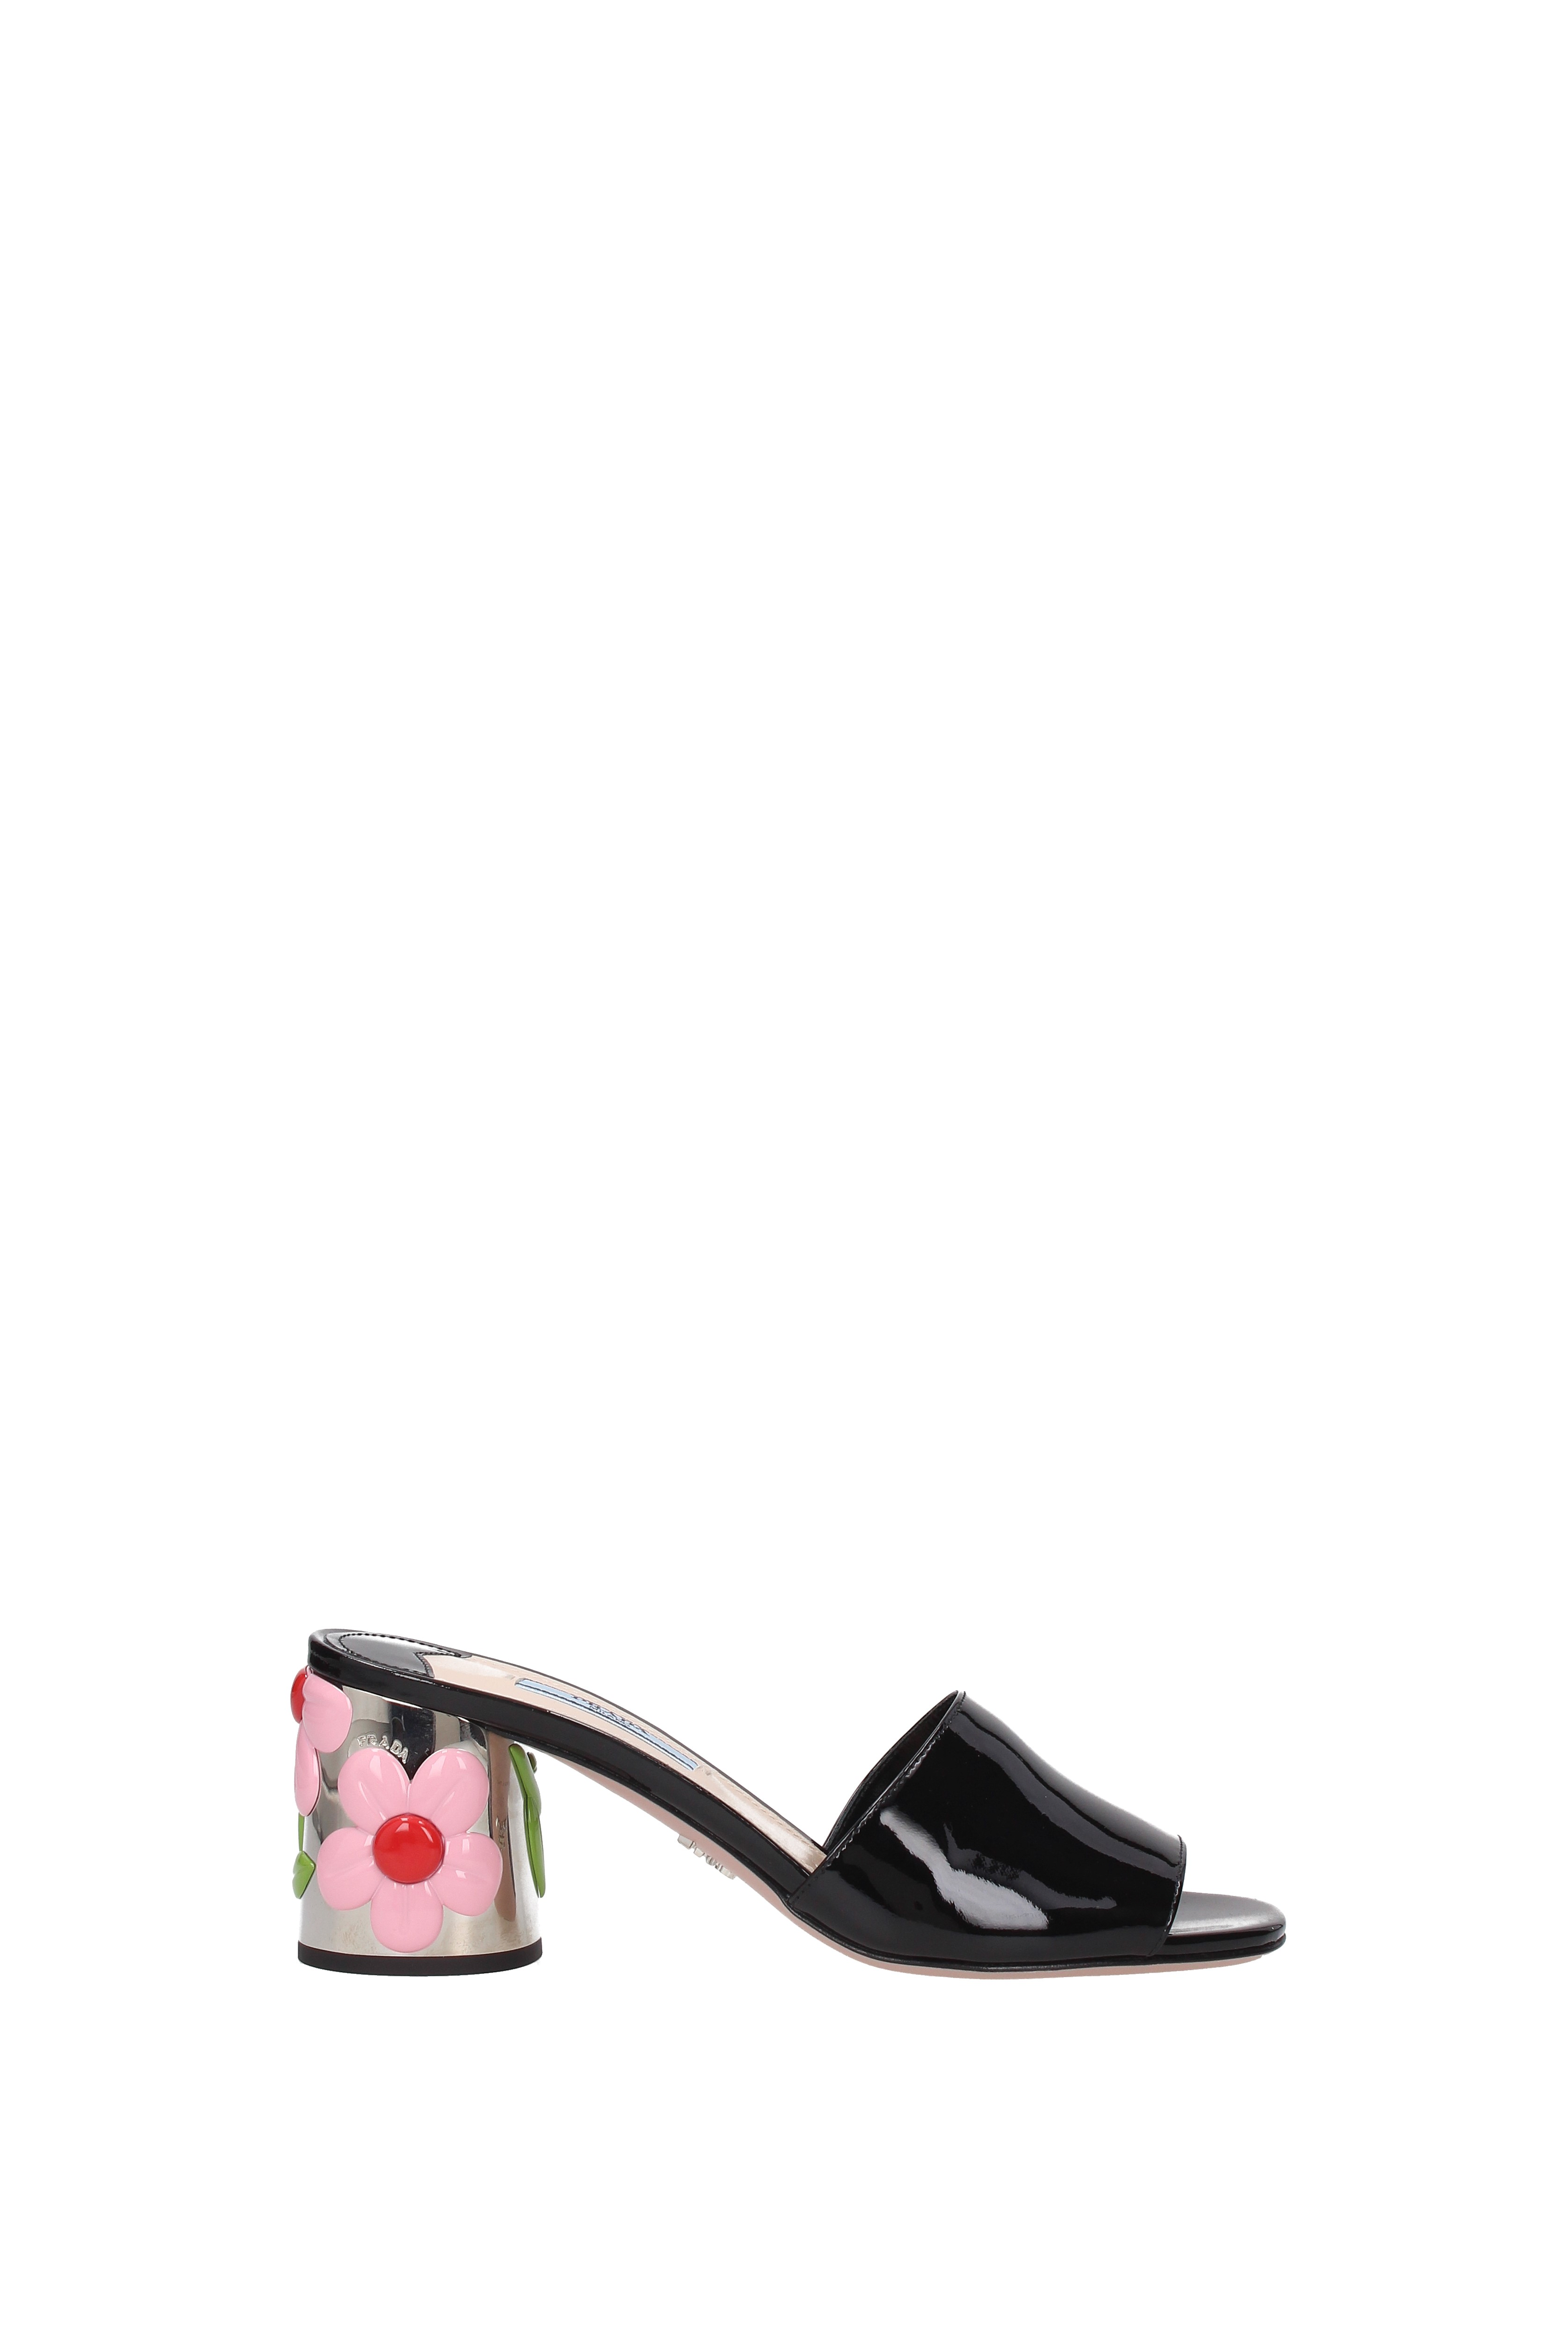 sandali prada ebay